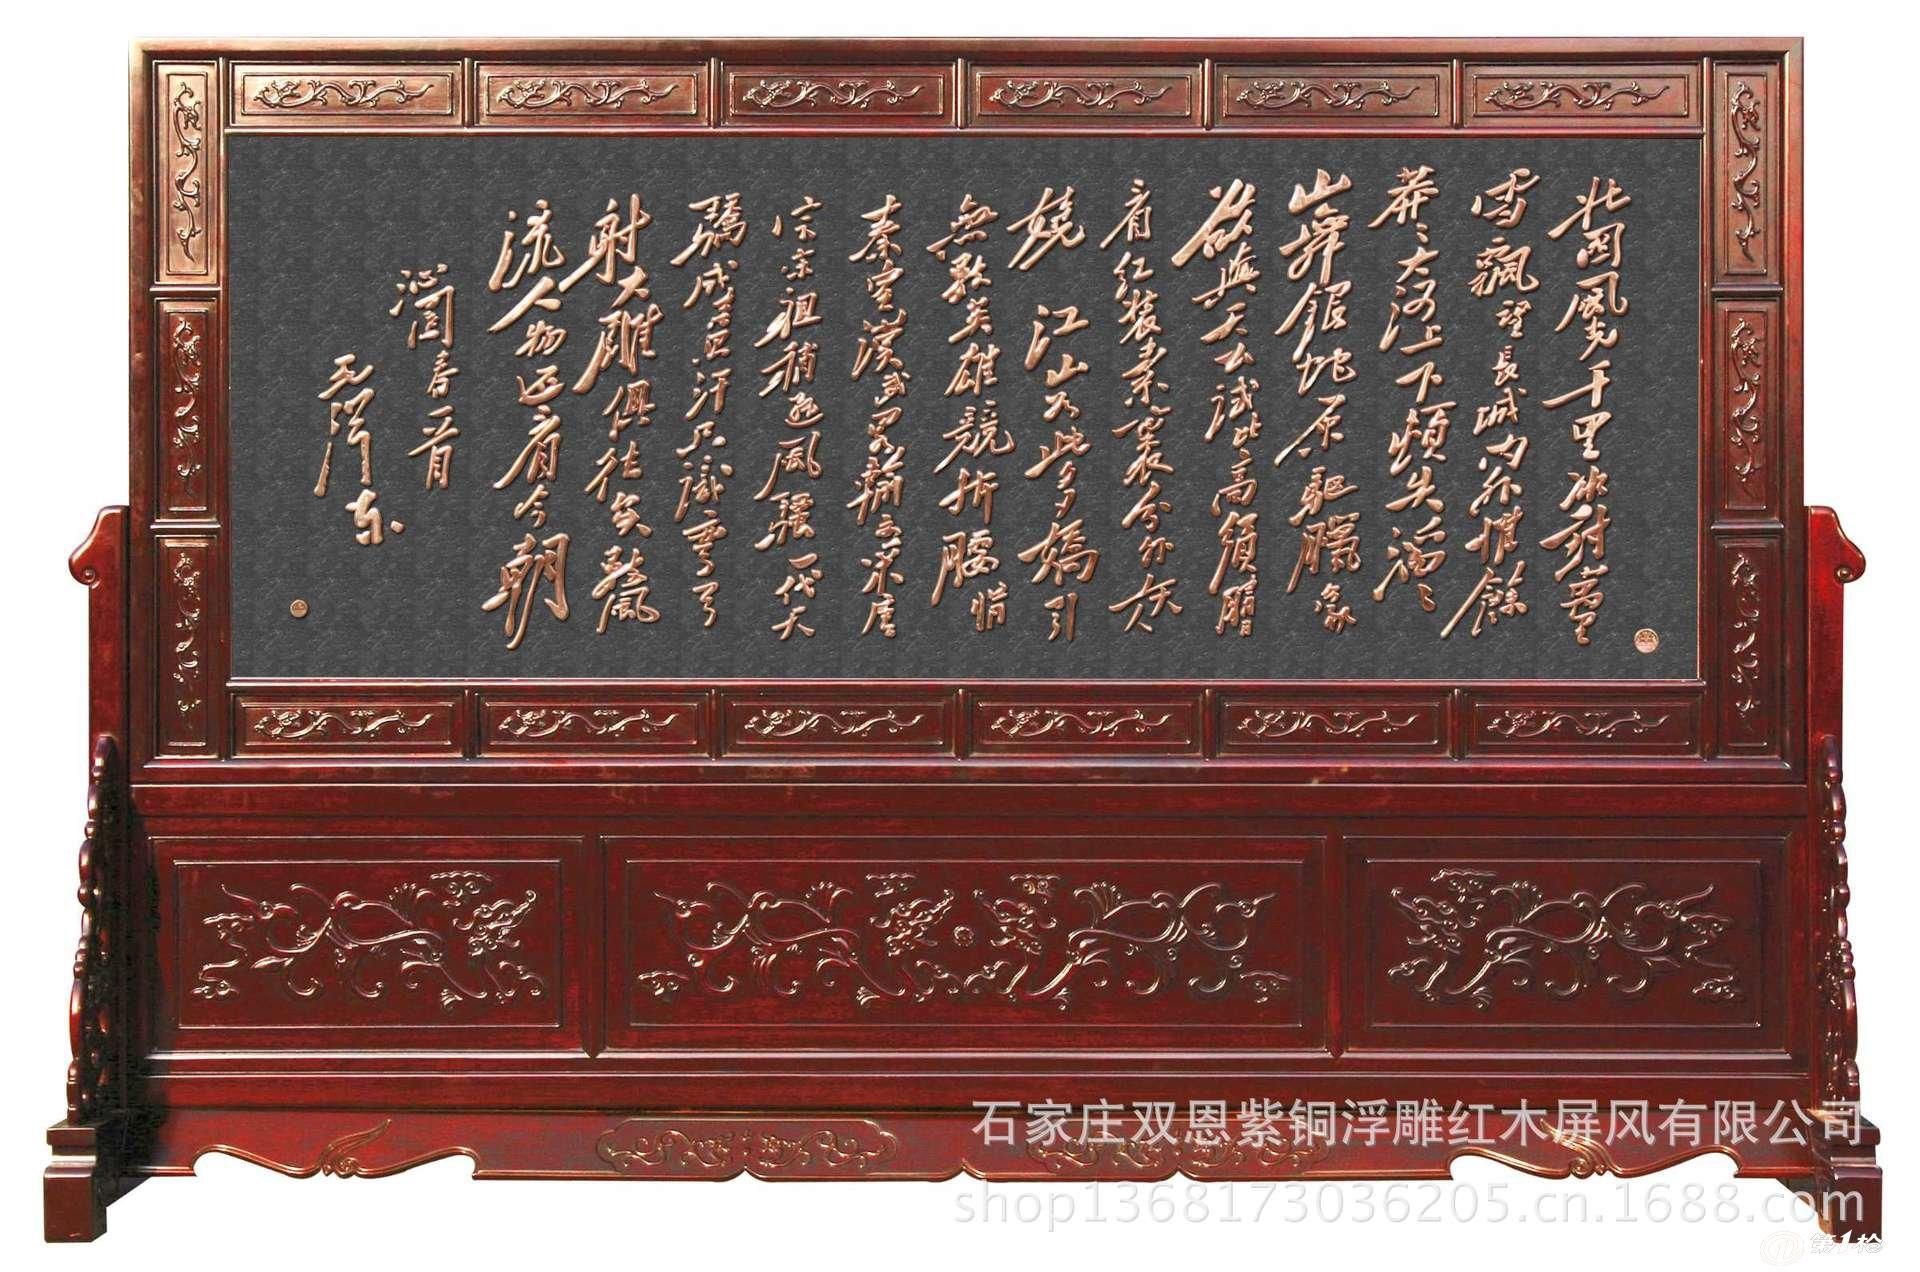 红木紫铜浮雕屏风所镶嵌画面是紫铜浮雕,座框采用名贵红木为材料,纯